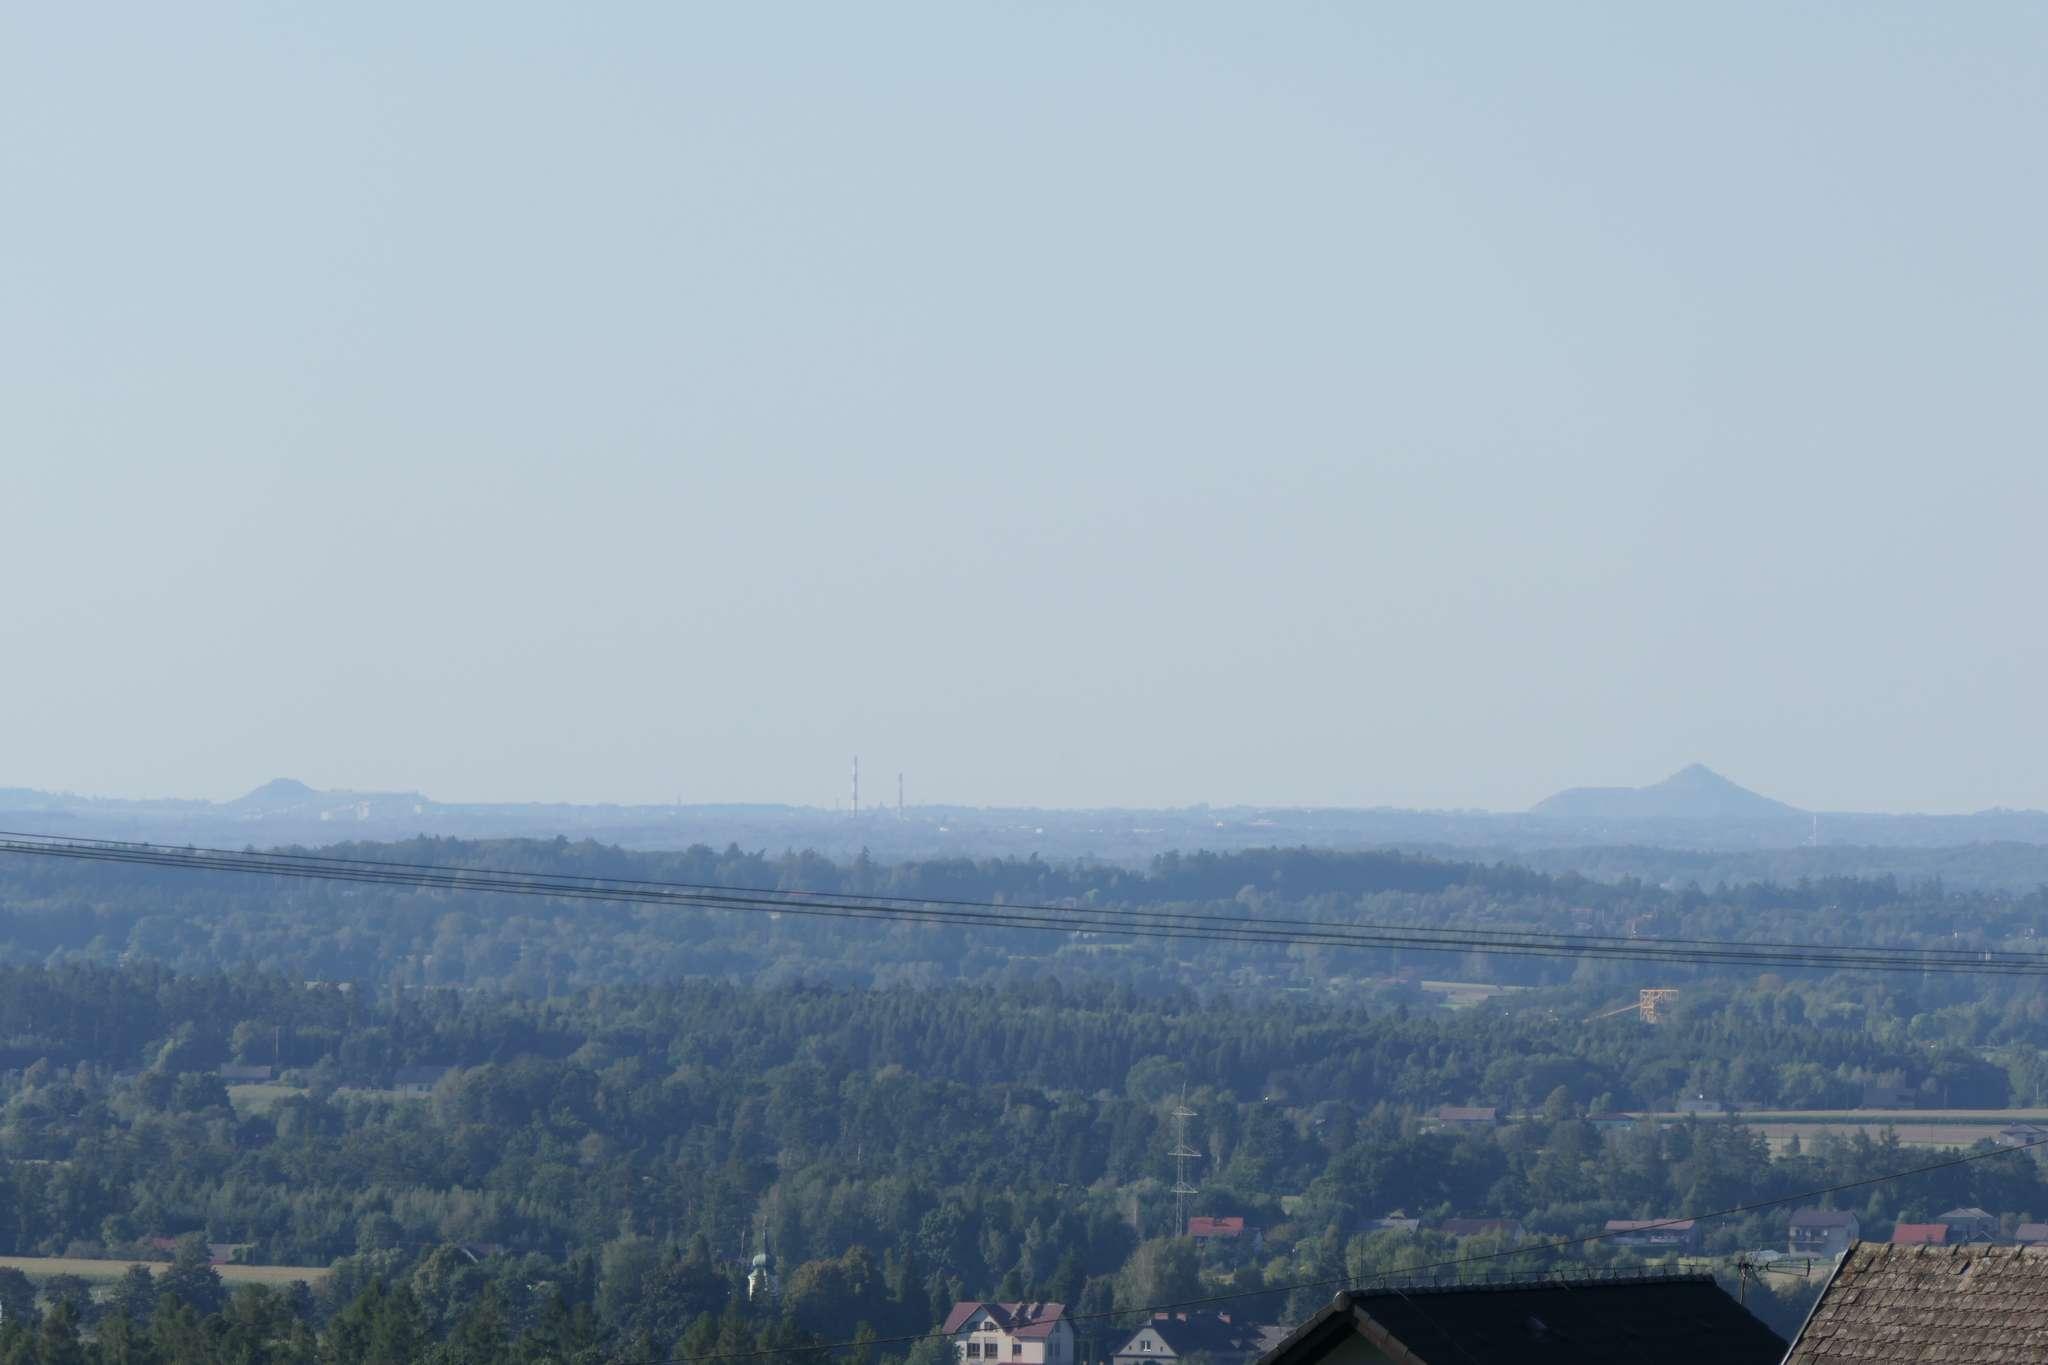 No właśnie, czy wiecie, przy których kopalniach znajdują się dwie widoczne na zdjęciu hałdy? Podpowiadamy, że to powiat wodzisławski.